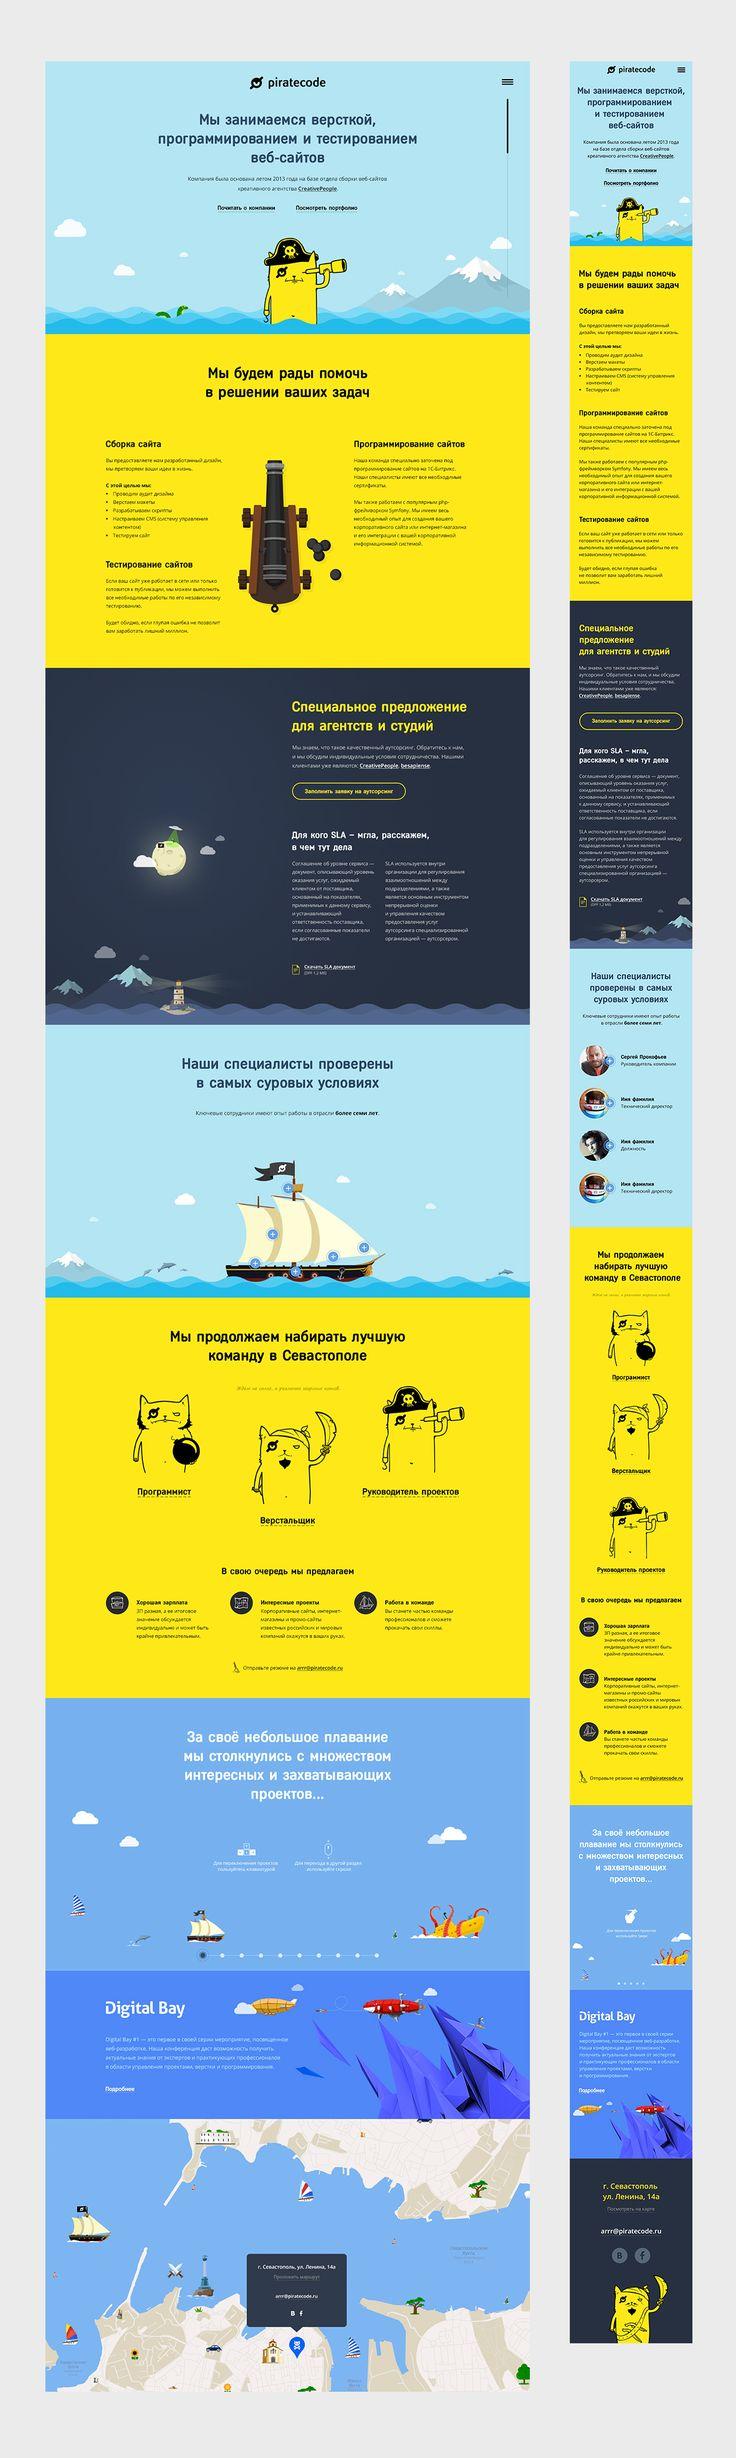 Piratecode, Сайт © СергейВасильев